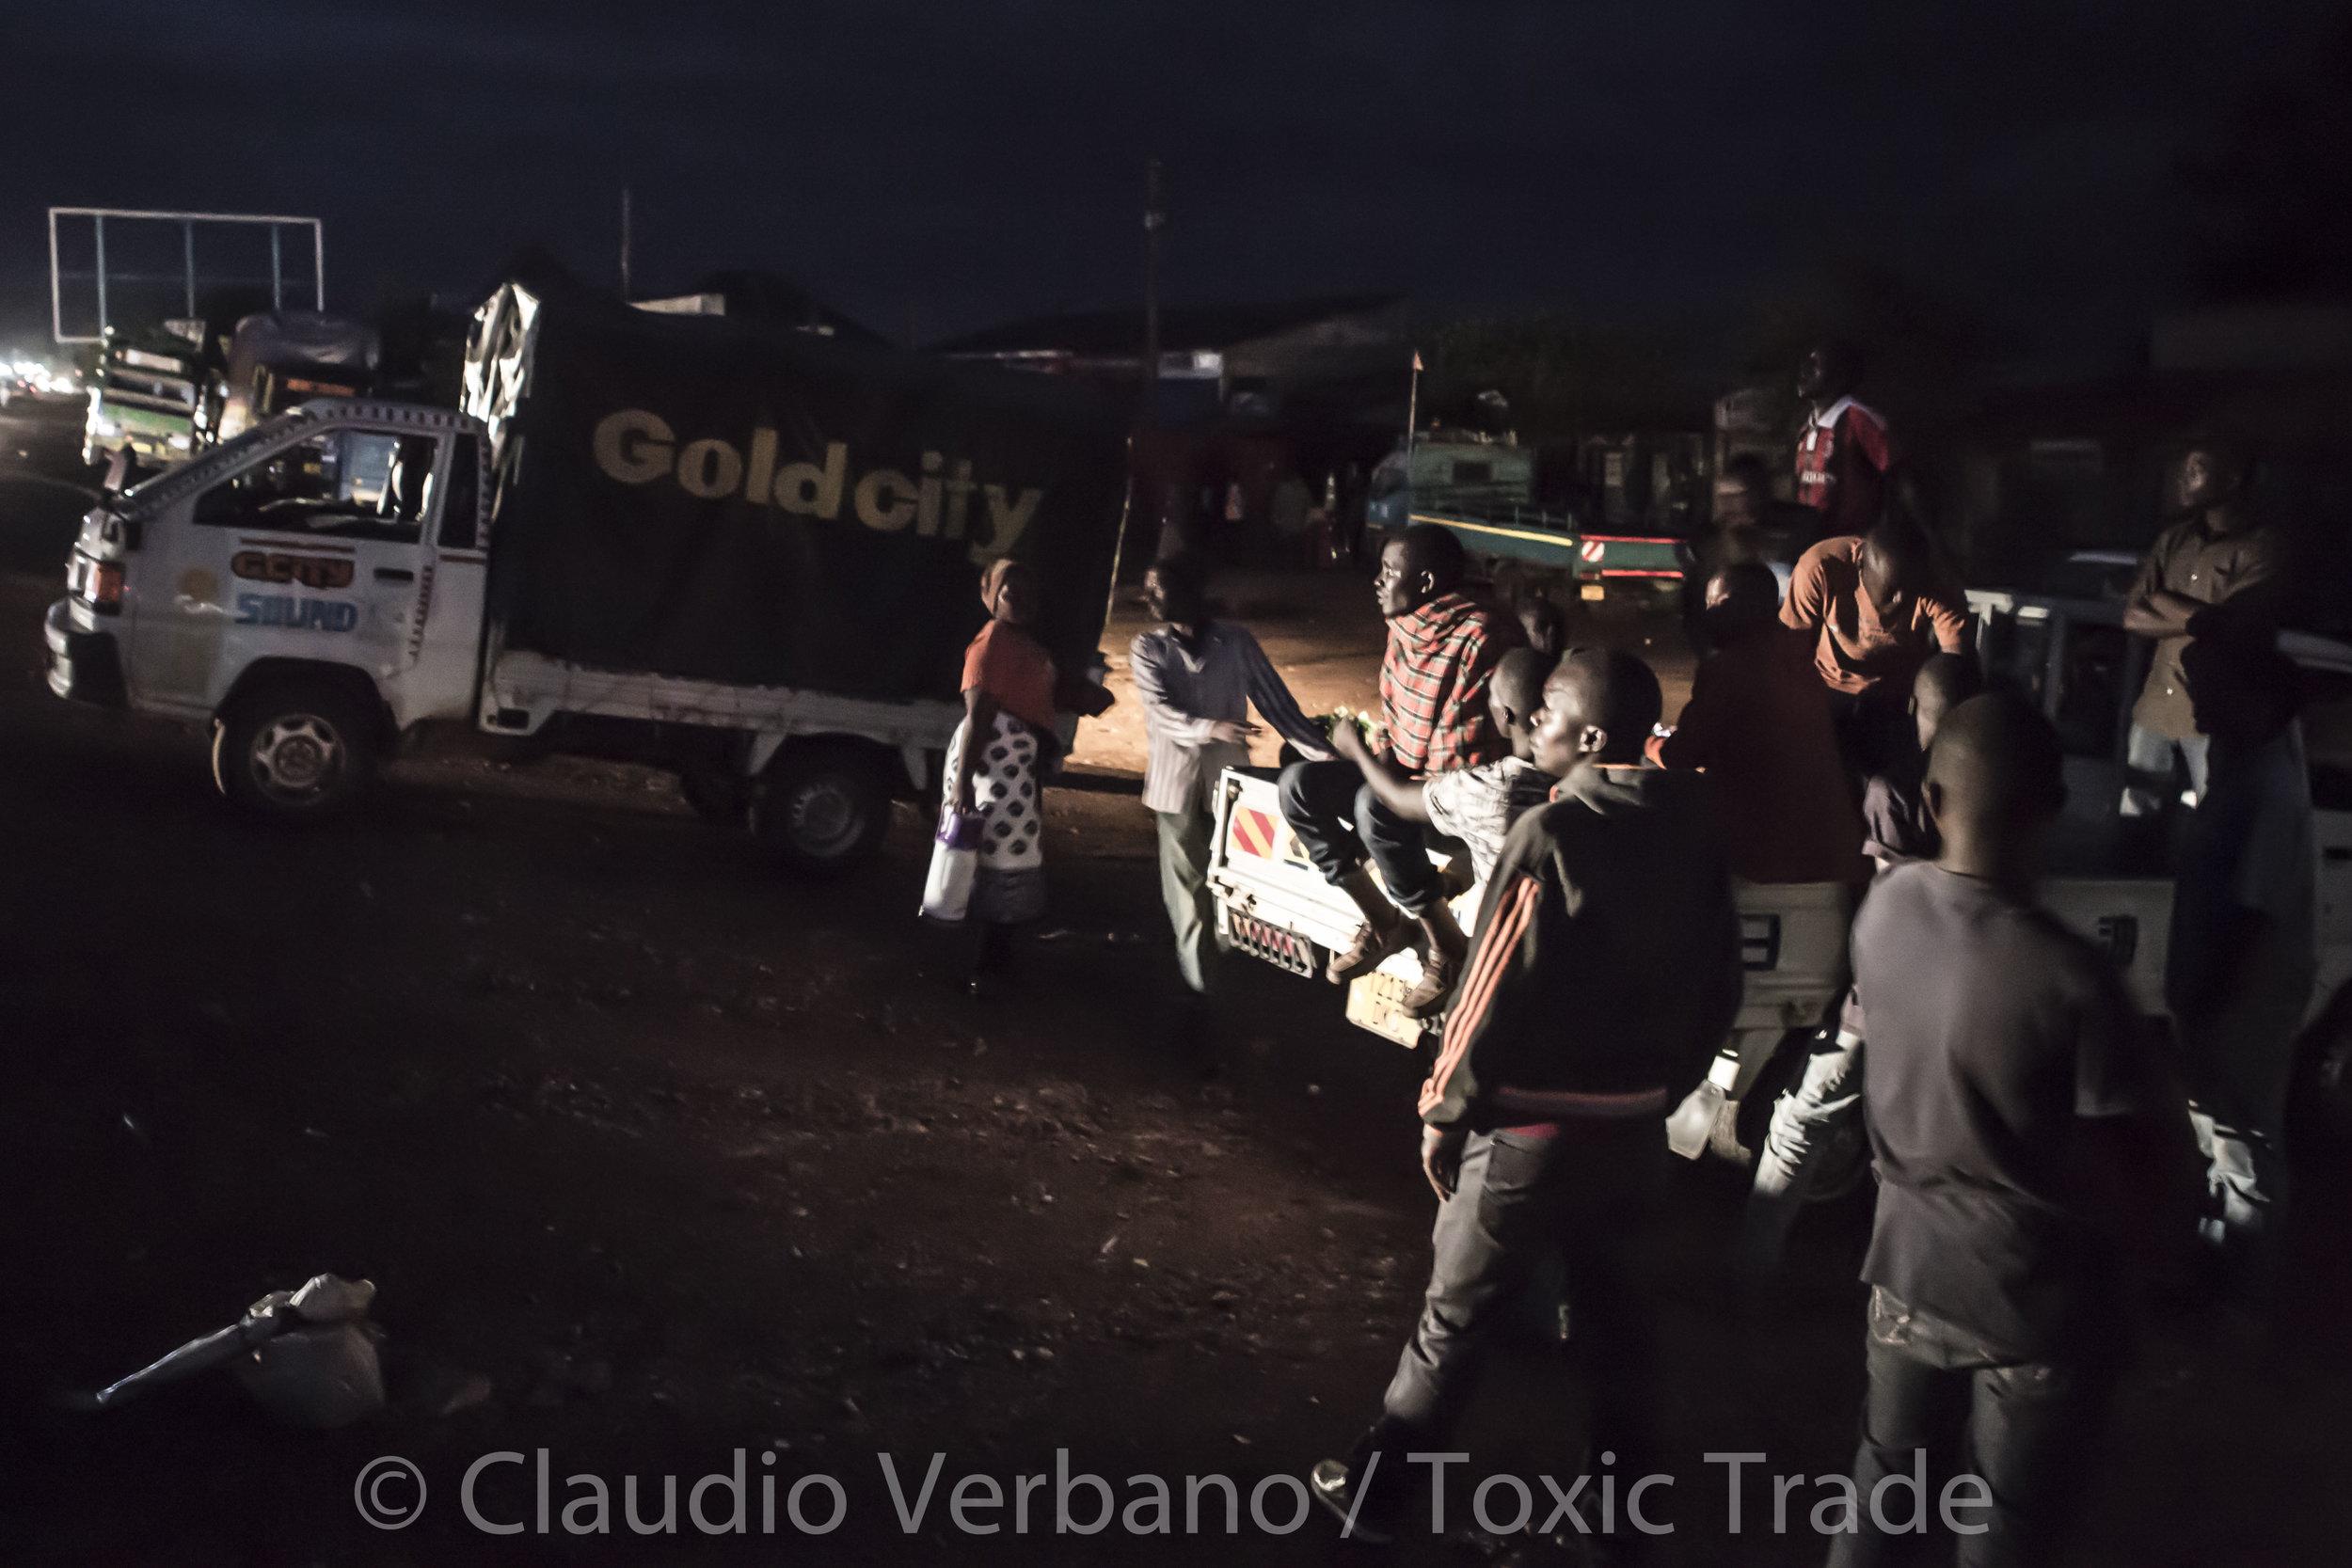 ClaudioVerbano_ToxicTrade_web_25.jpg